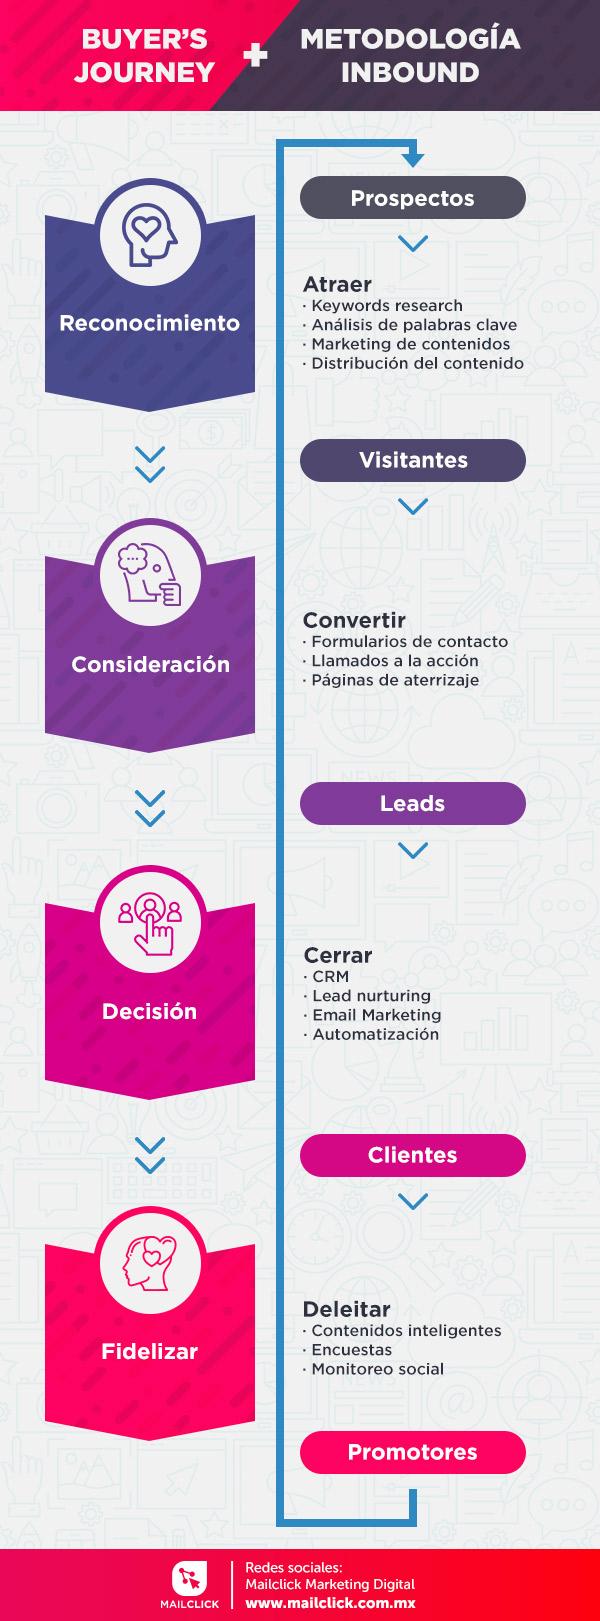 Infografía describiendo los pasos del inbound marketing, sus acciones y su relación con el buyer´s journey